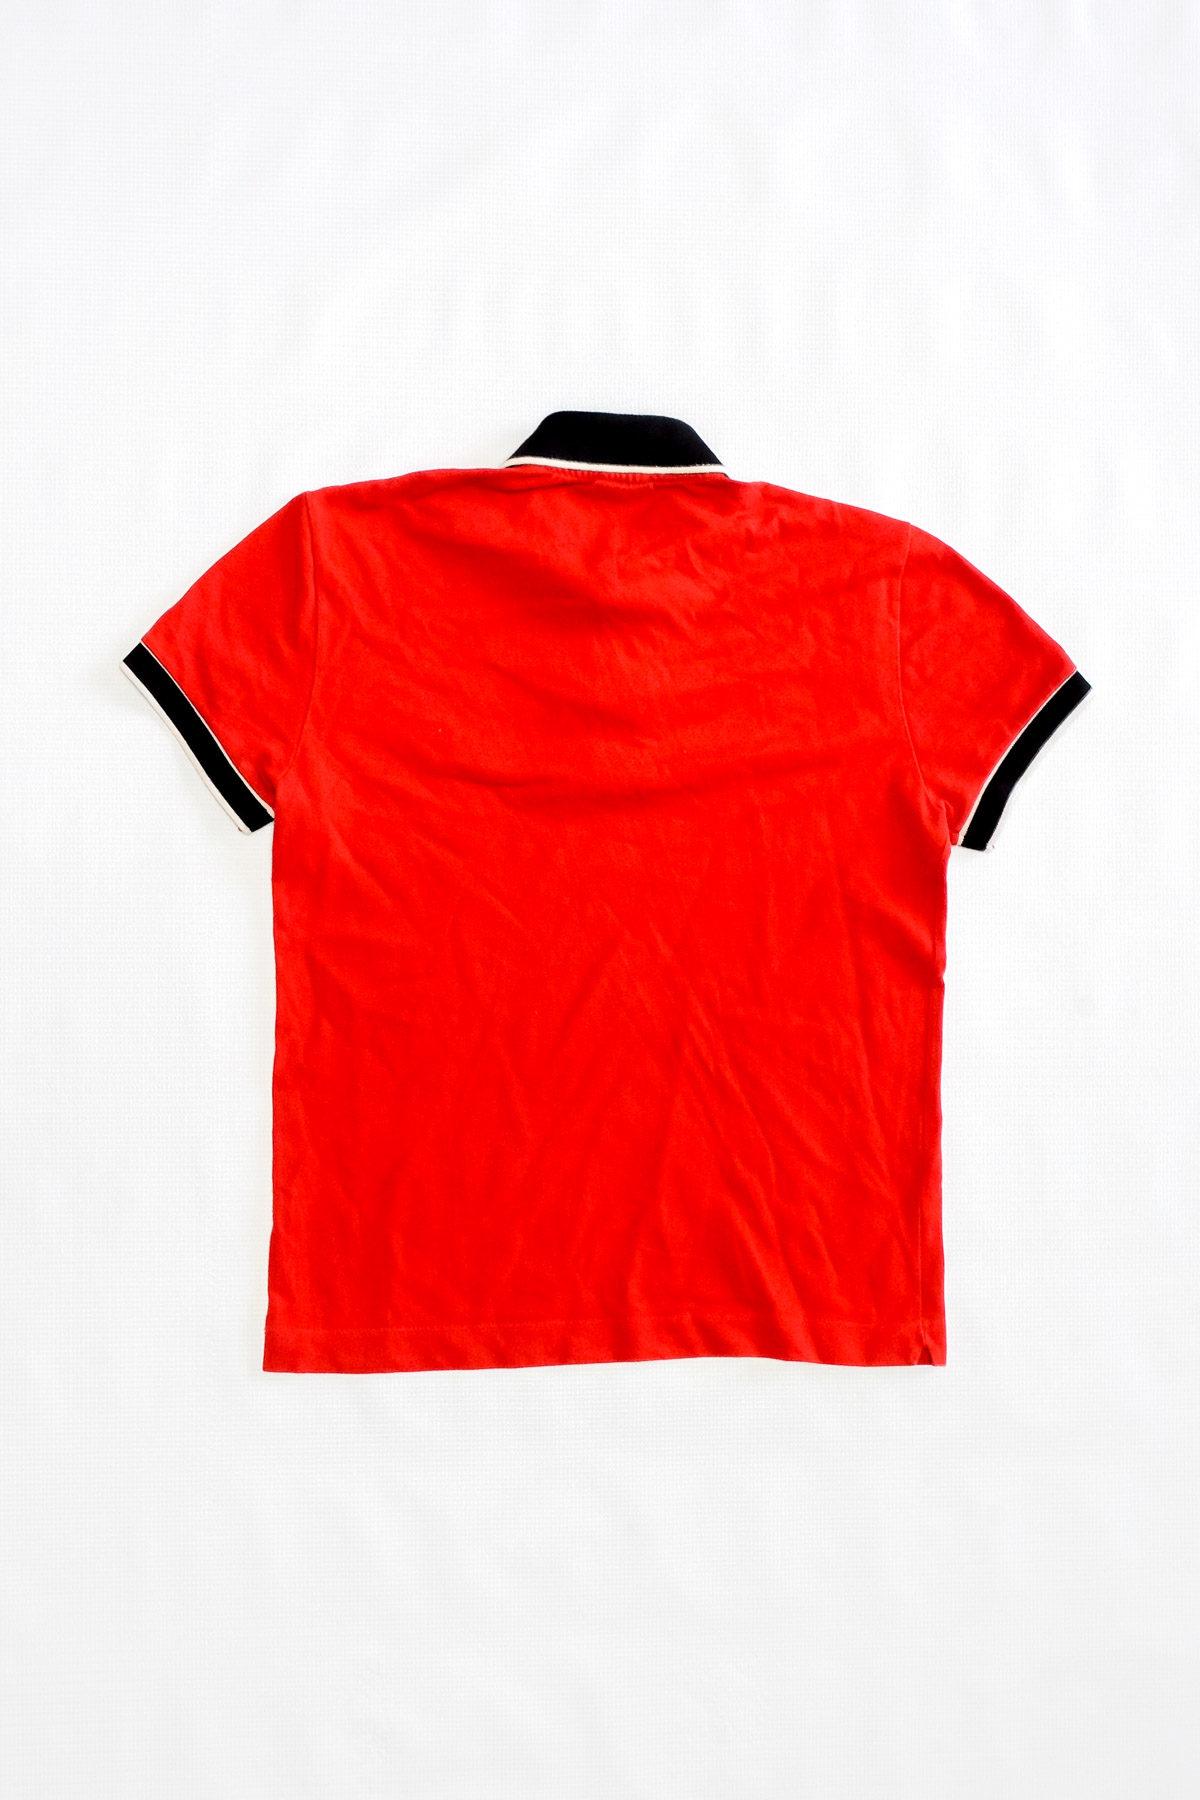 Lacoste POLO VINTAGE Redblack